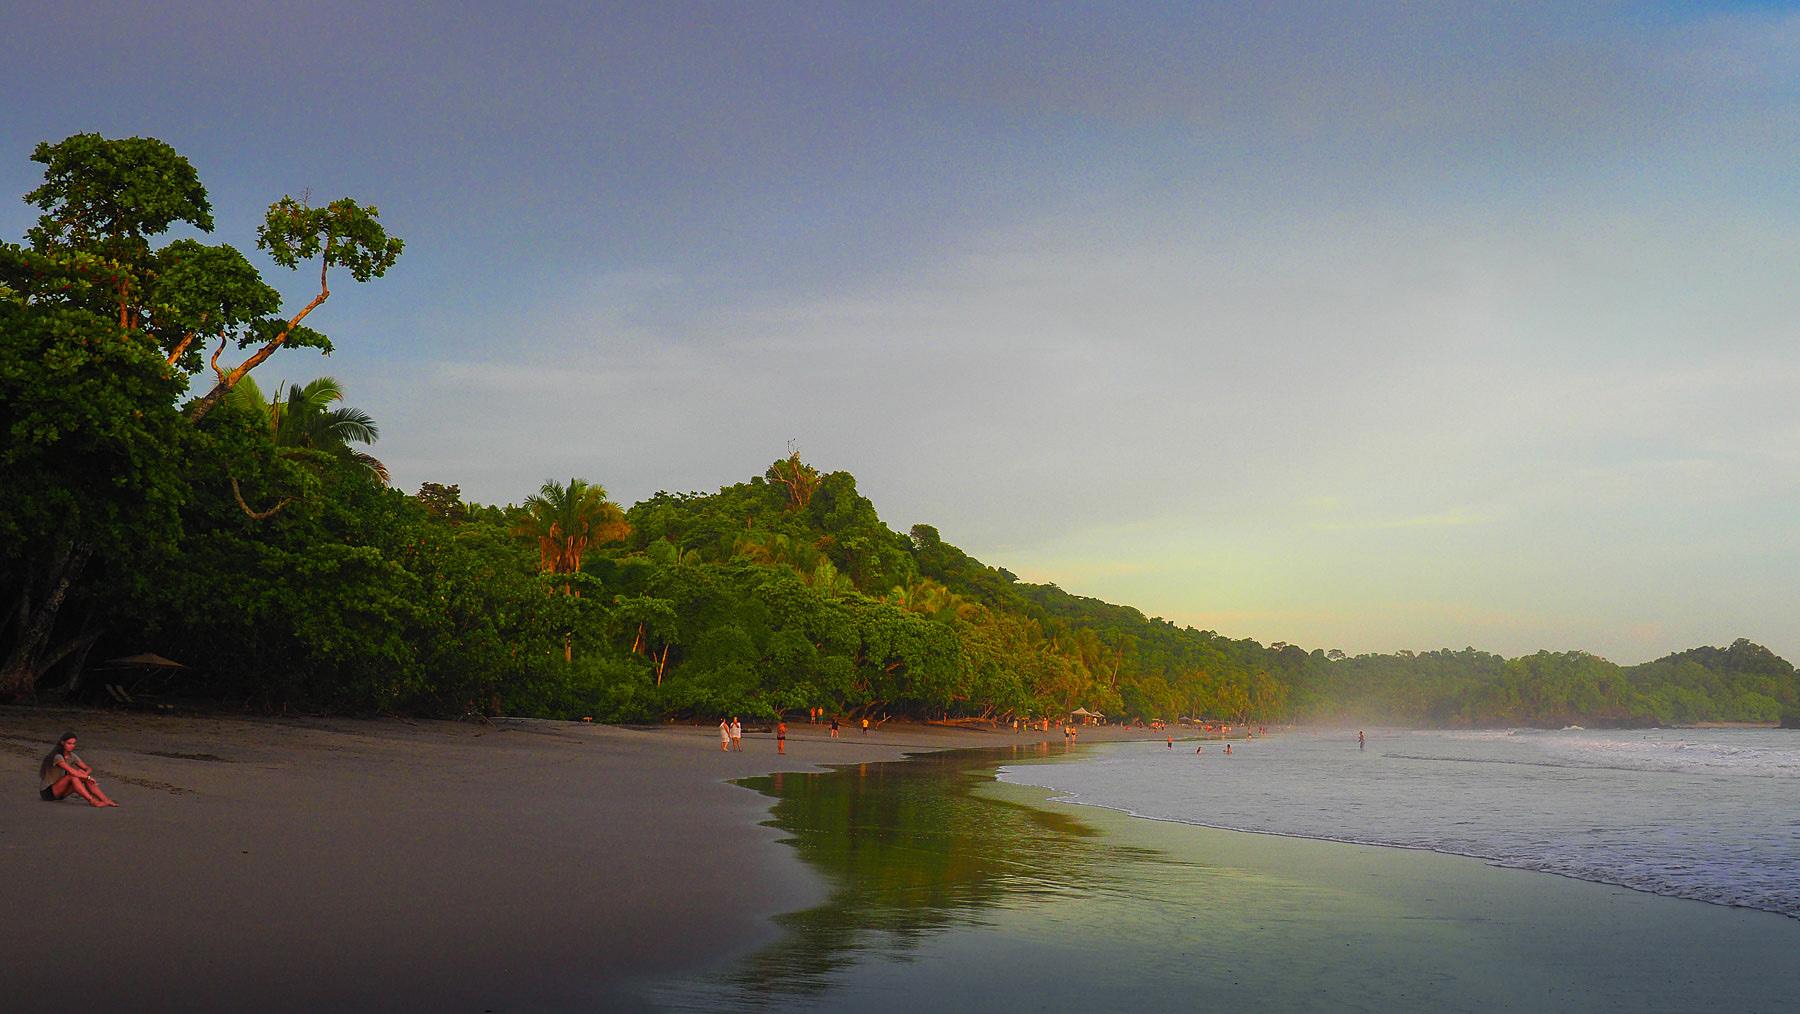 Übernachtungsplatz vor dem Eingang zum NP Manuel Antonio direkt an diesem schönen Strand